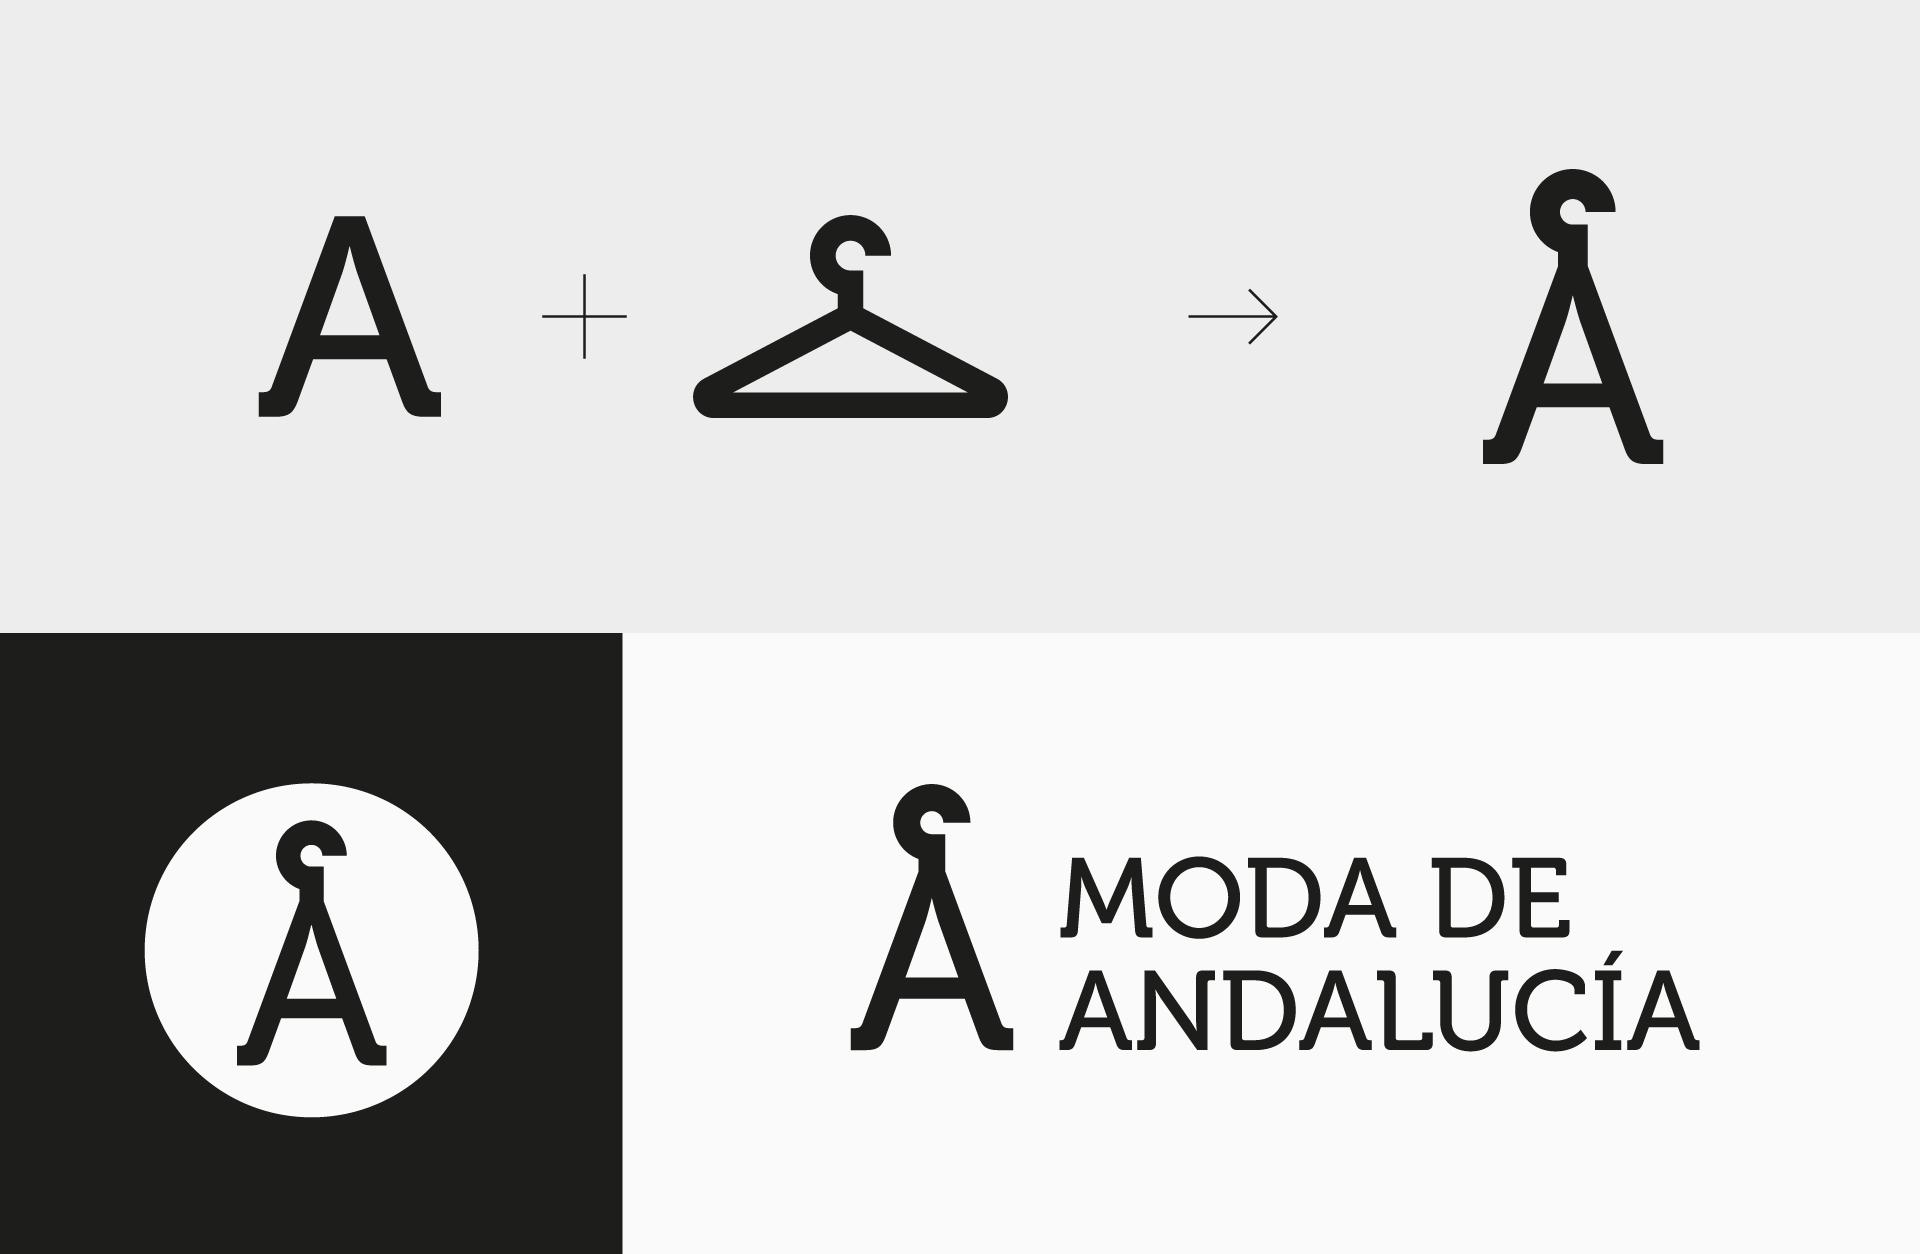 Moda-de-Andalucia-5